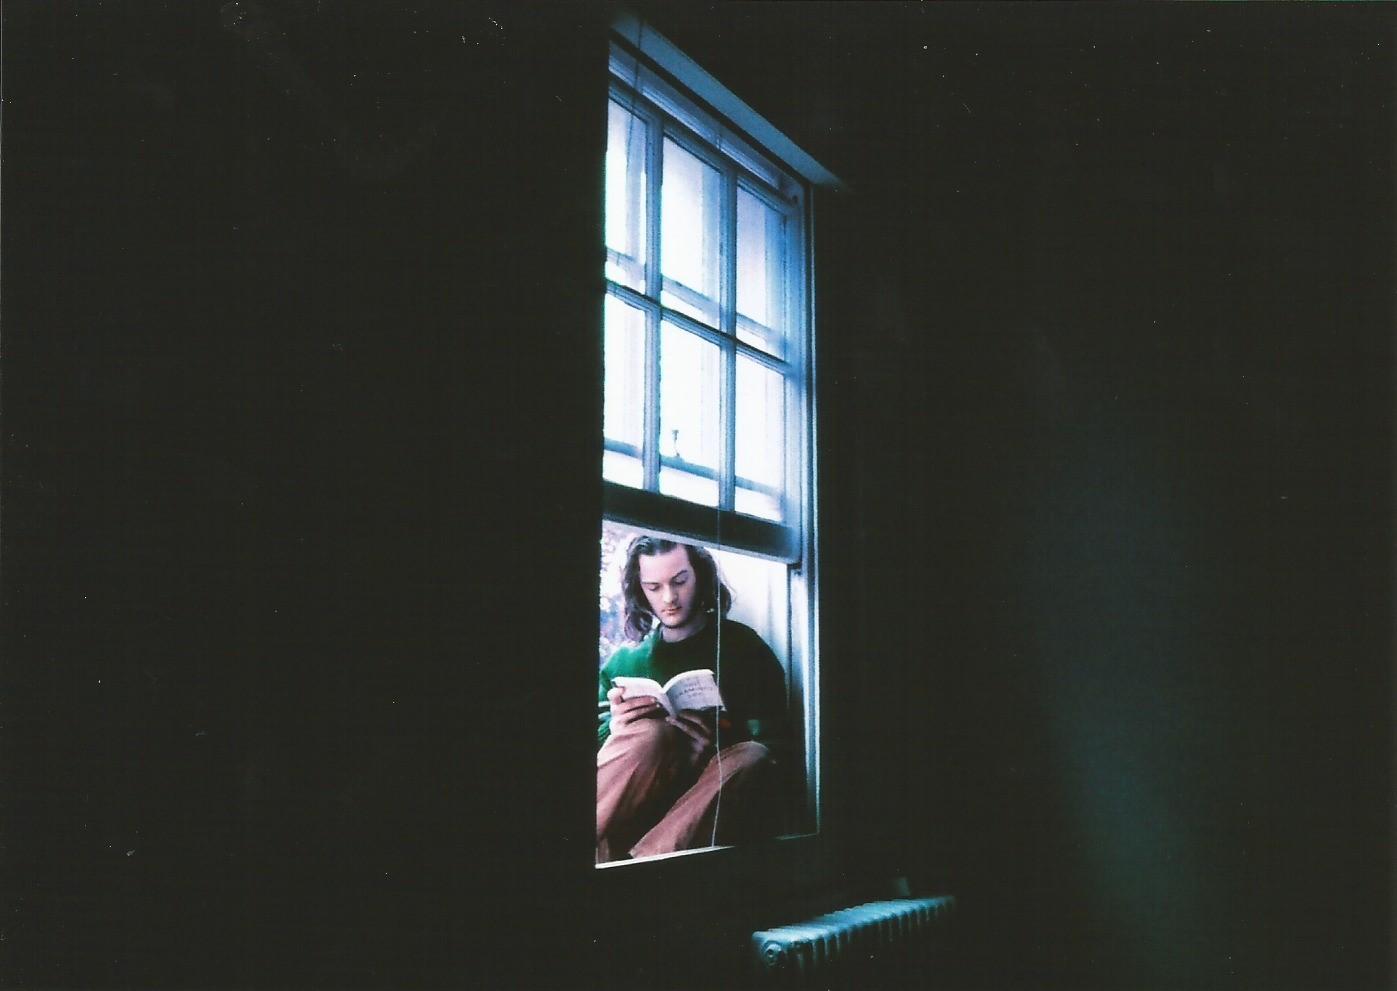 Photo by Zoe Sarjant